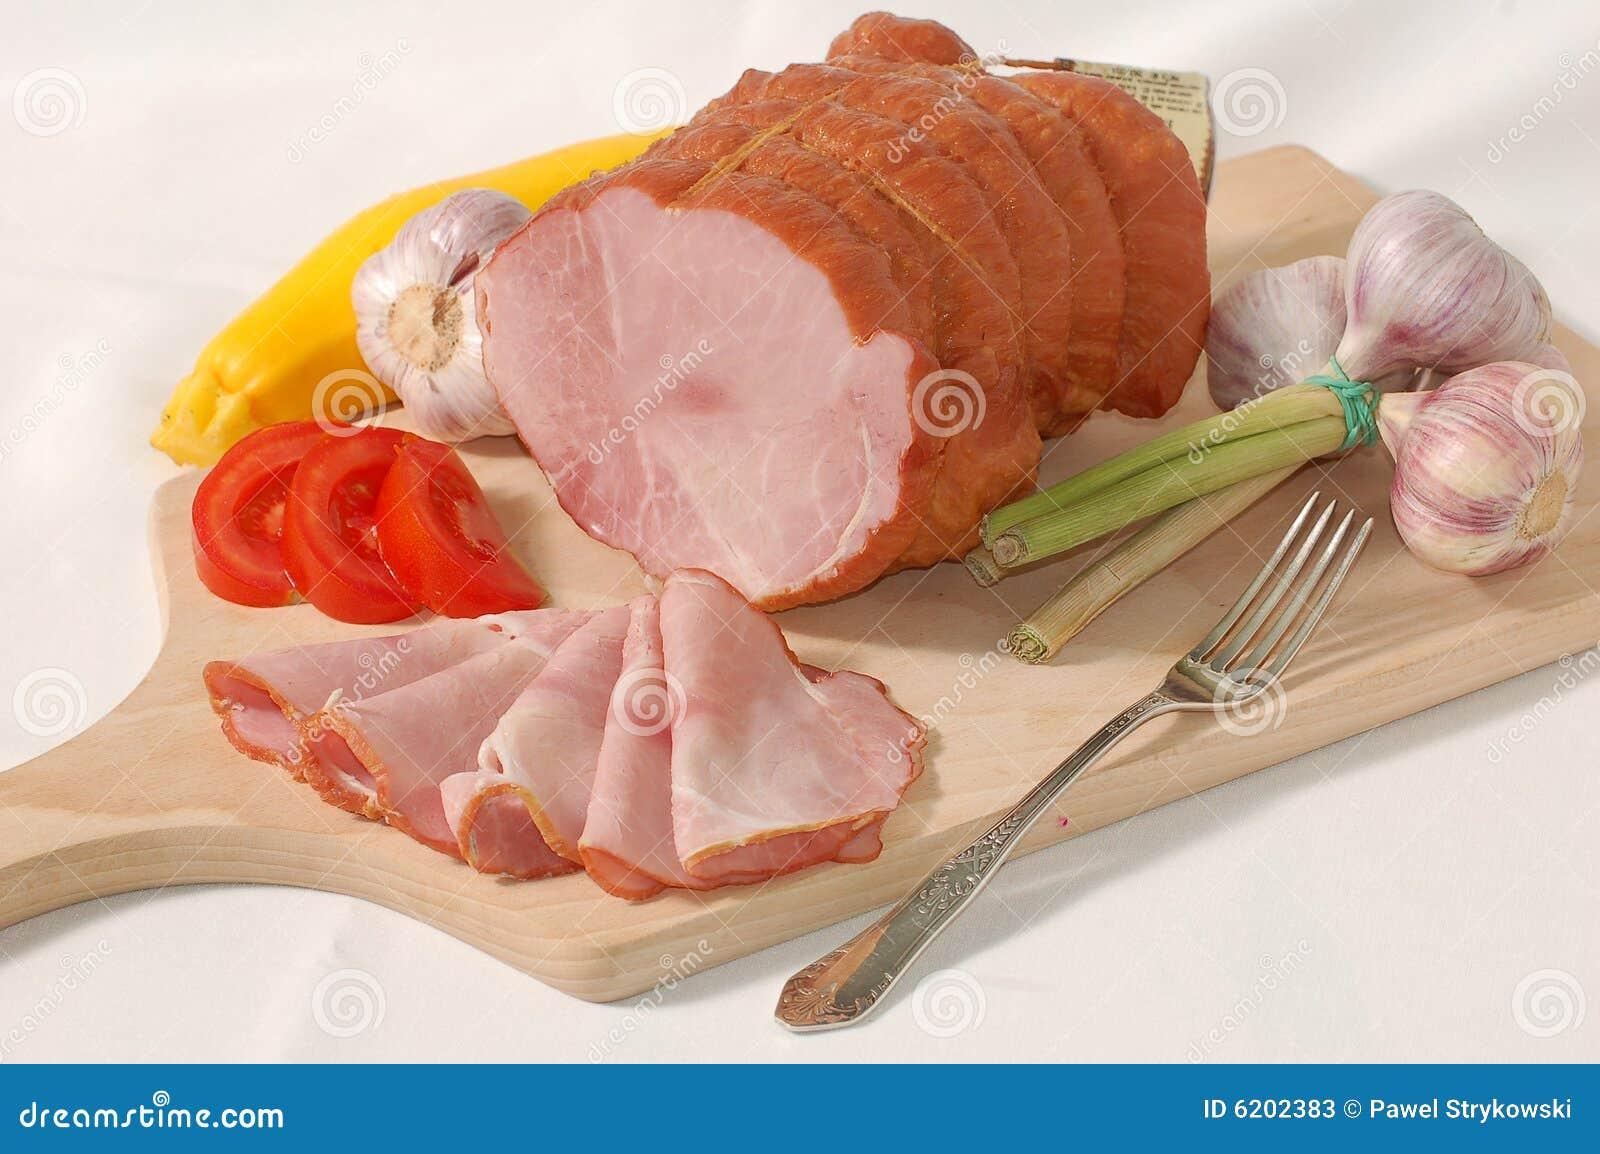 ham brawn yummy - photo #20